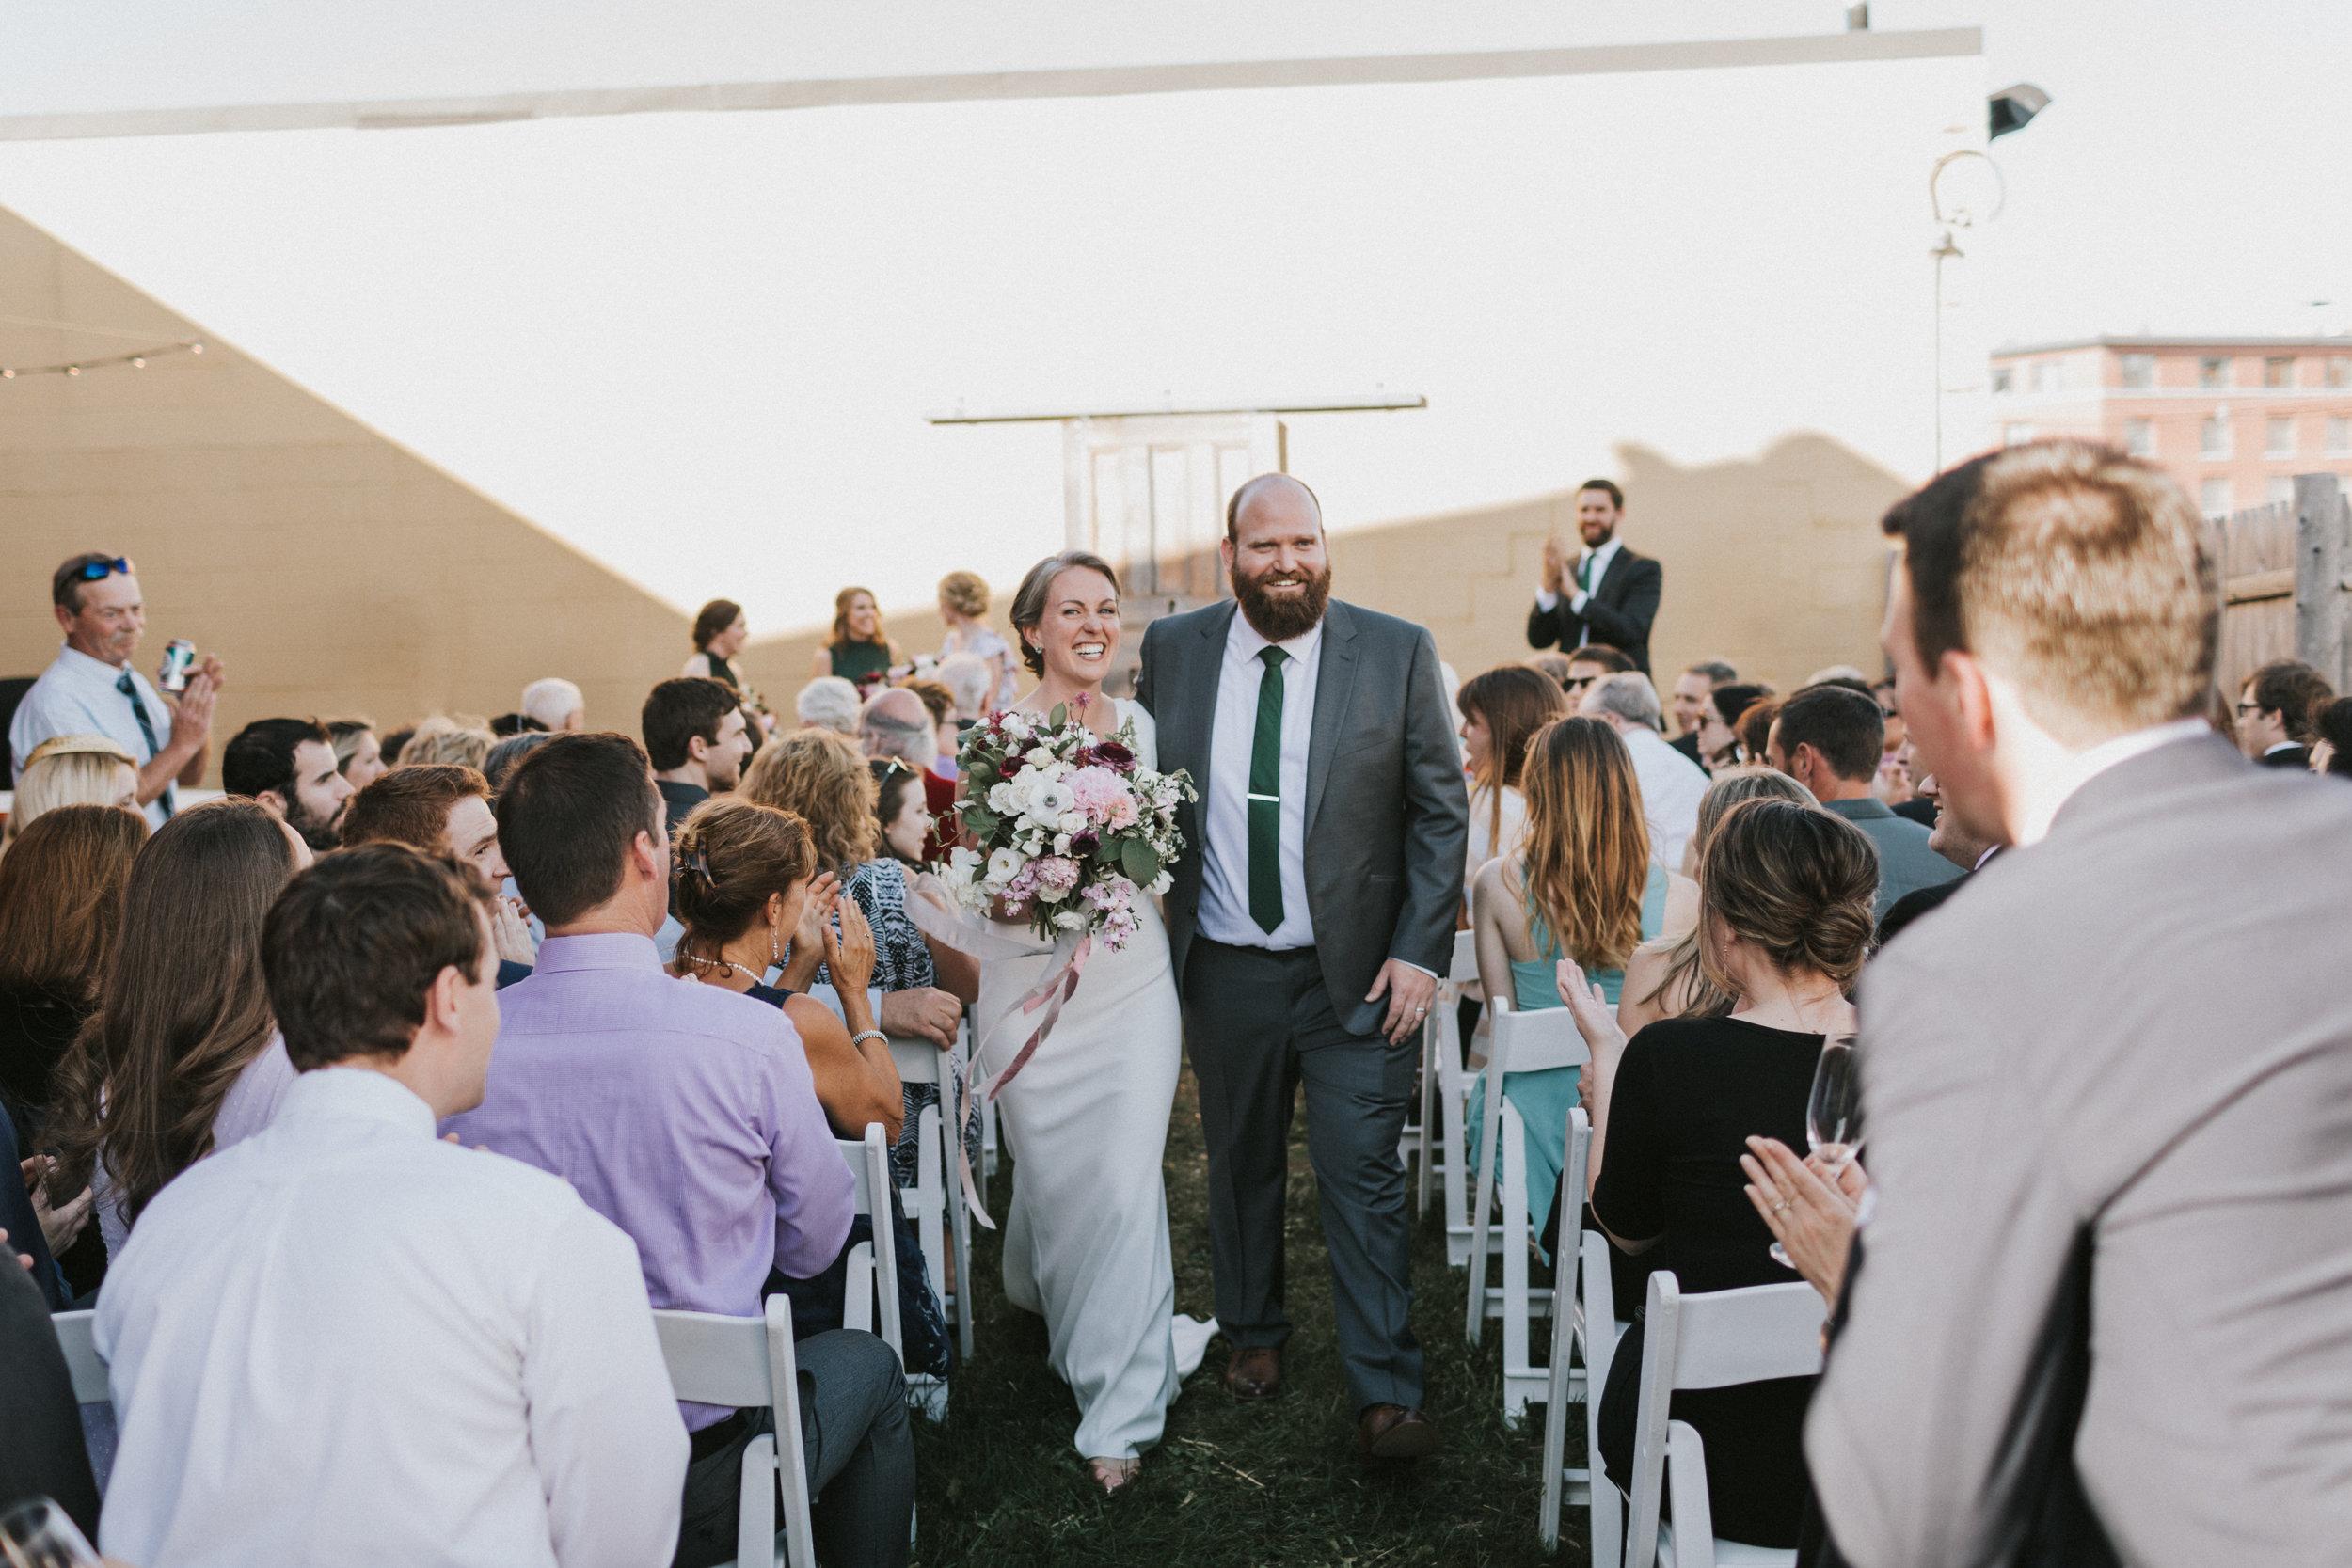 Watershed_Floral_Maine_Wedding_Florist_474.jpg